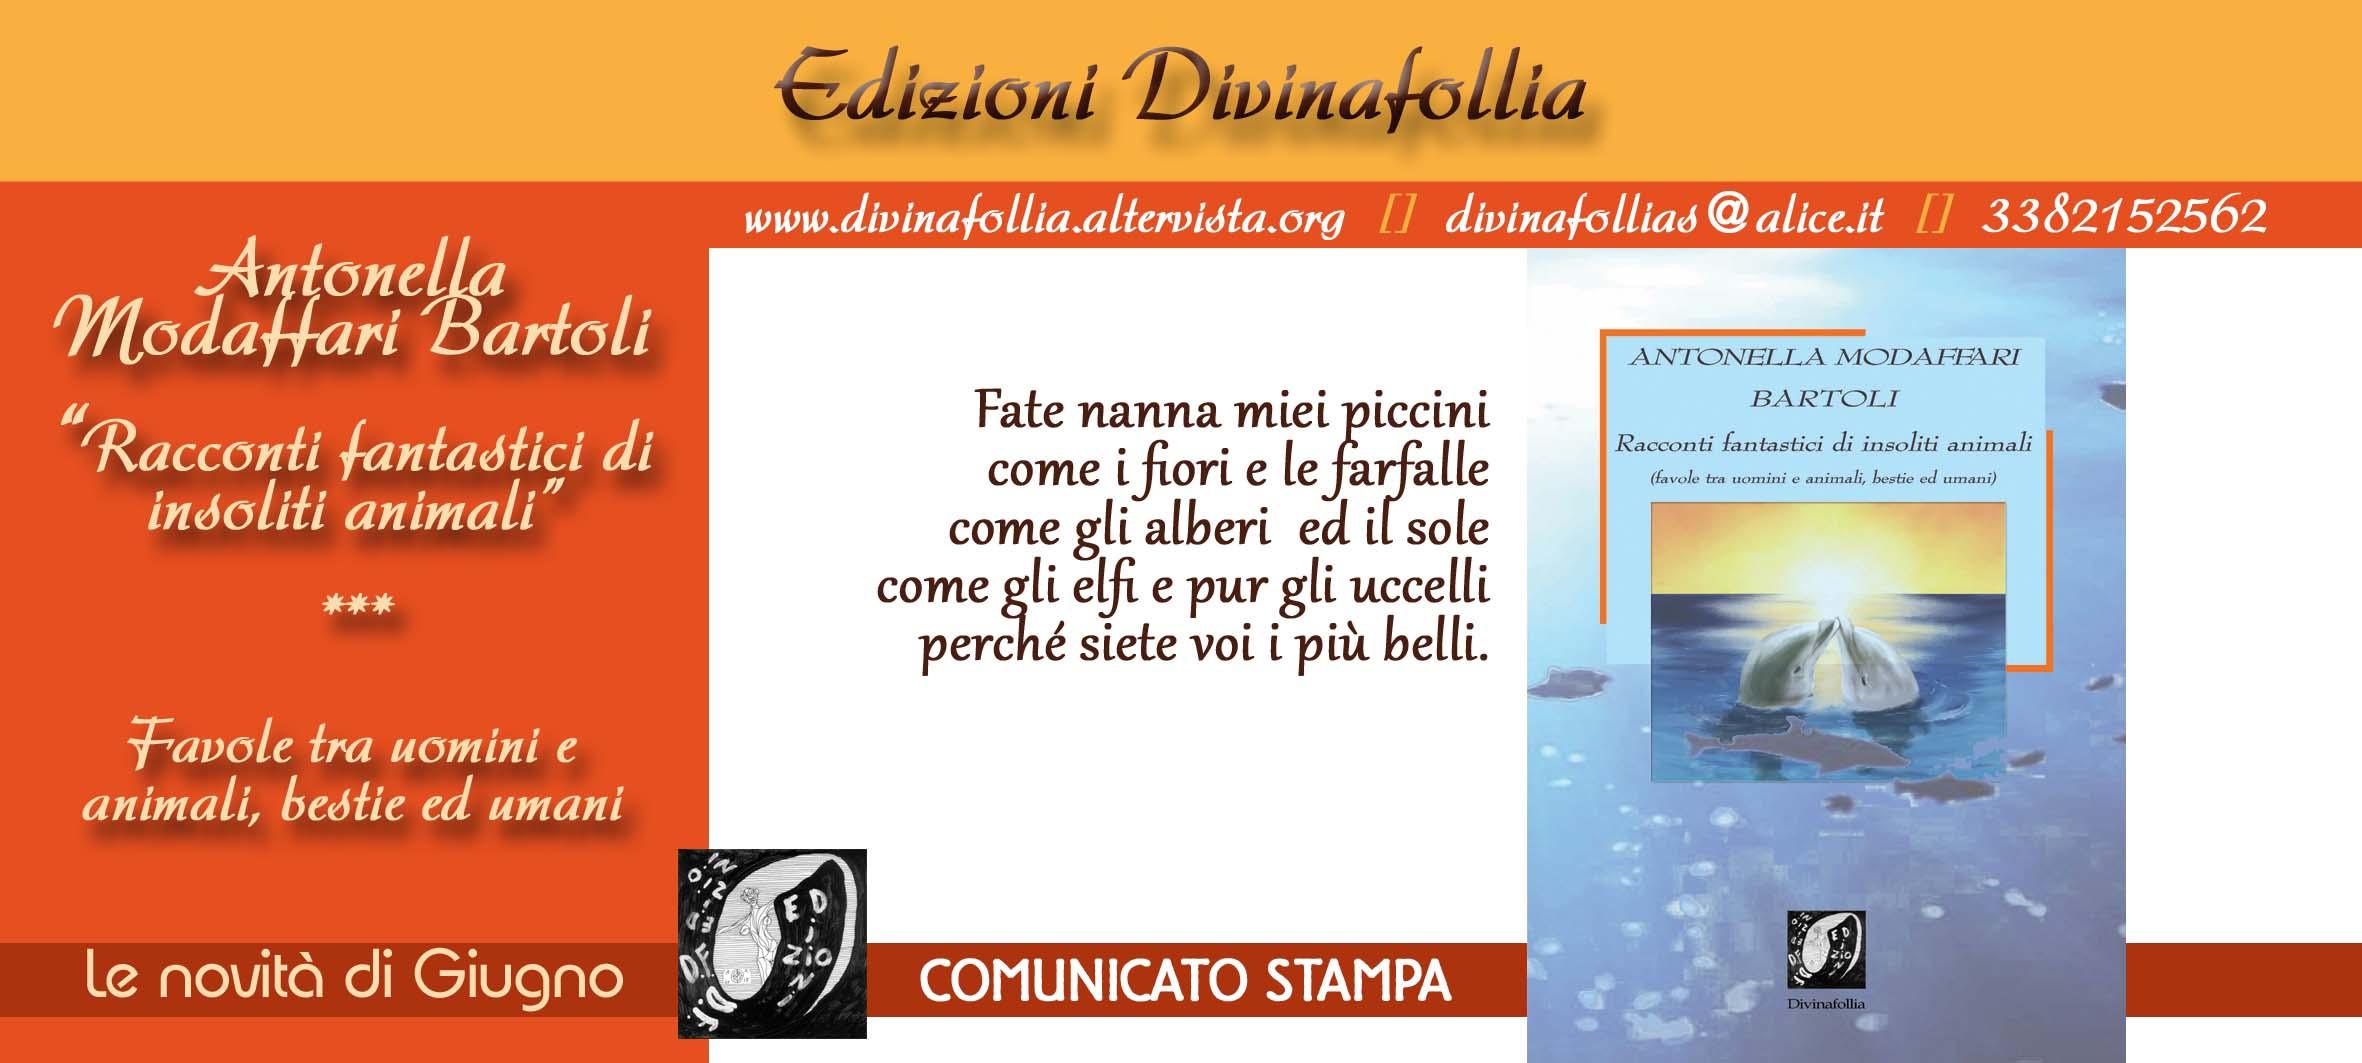 antonella_modaffari copia